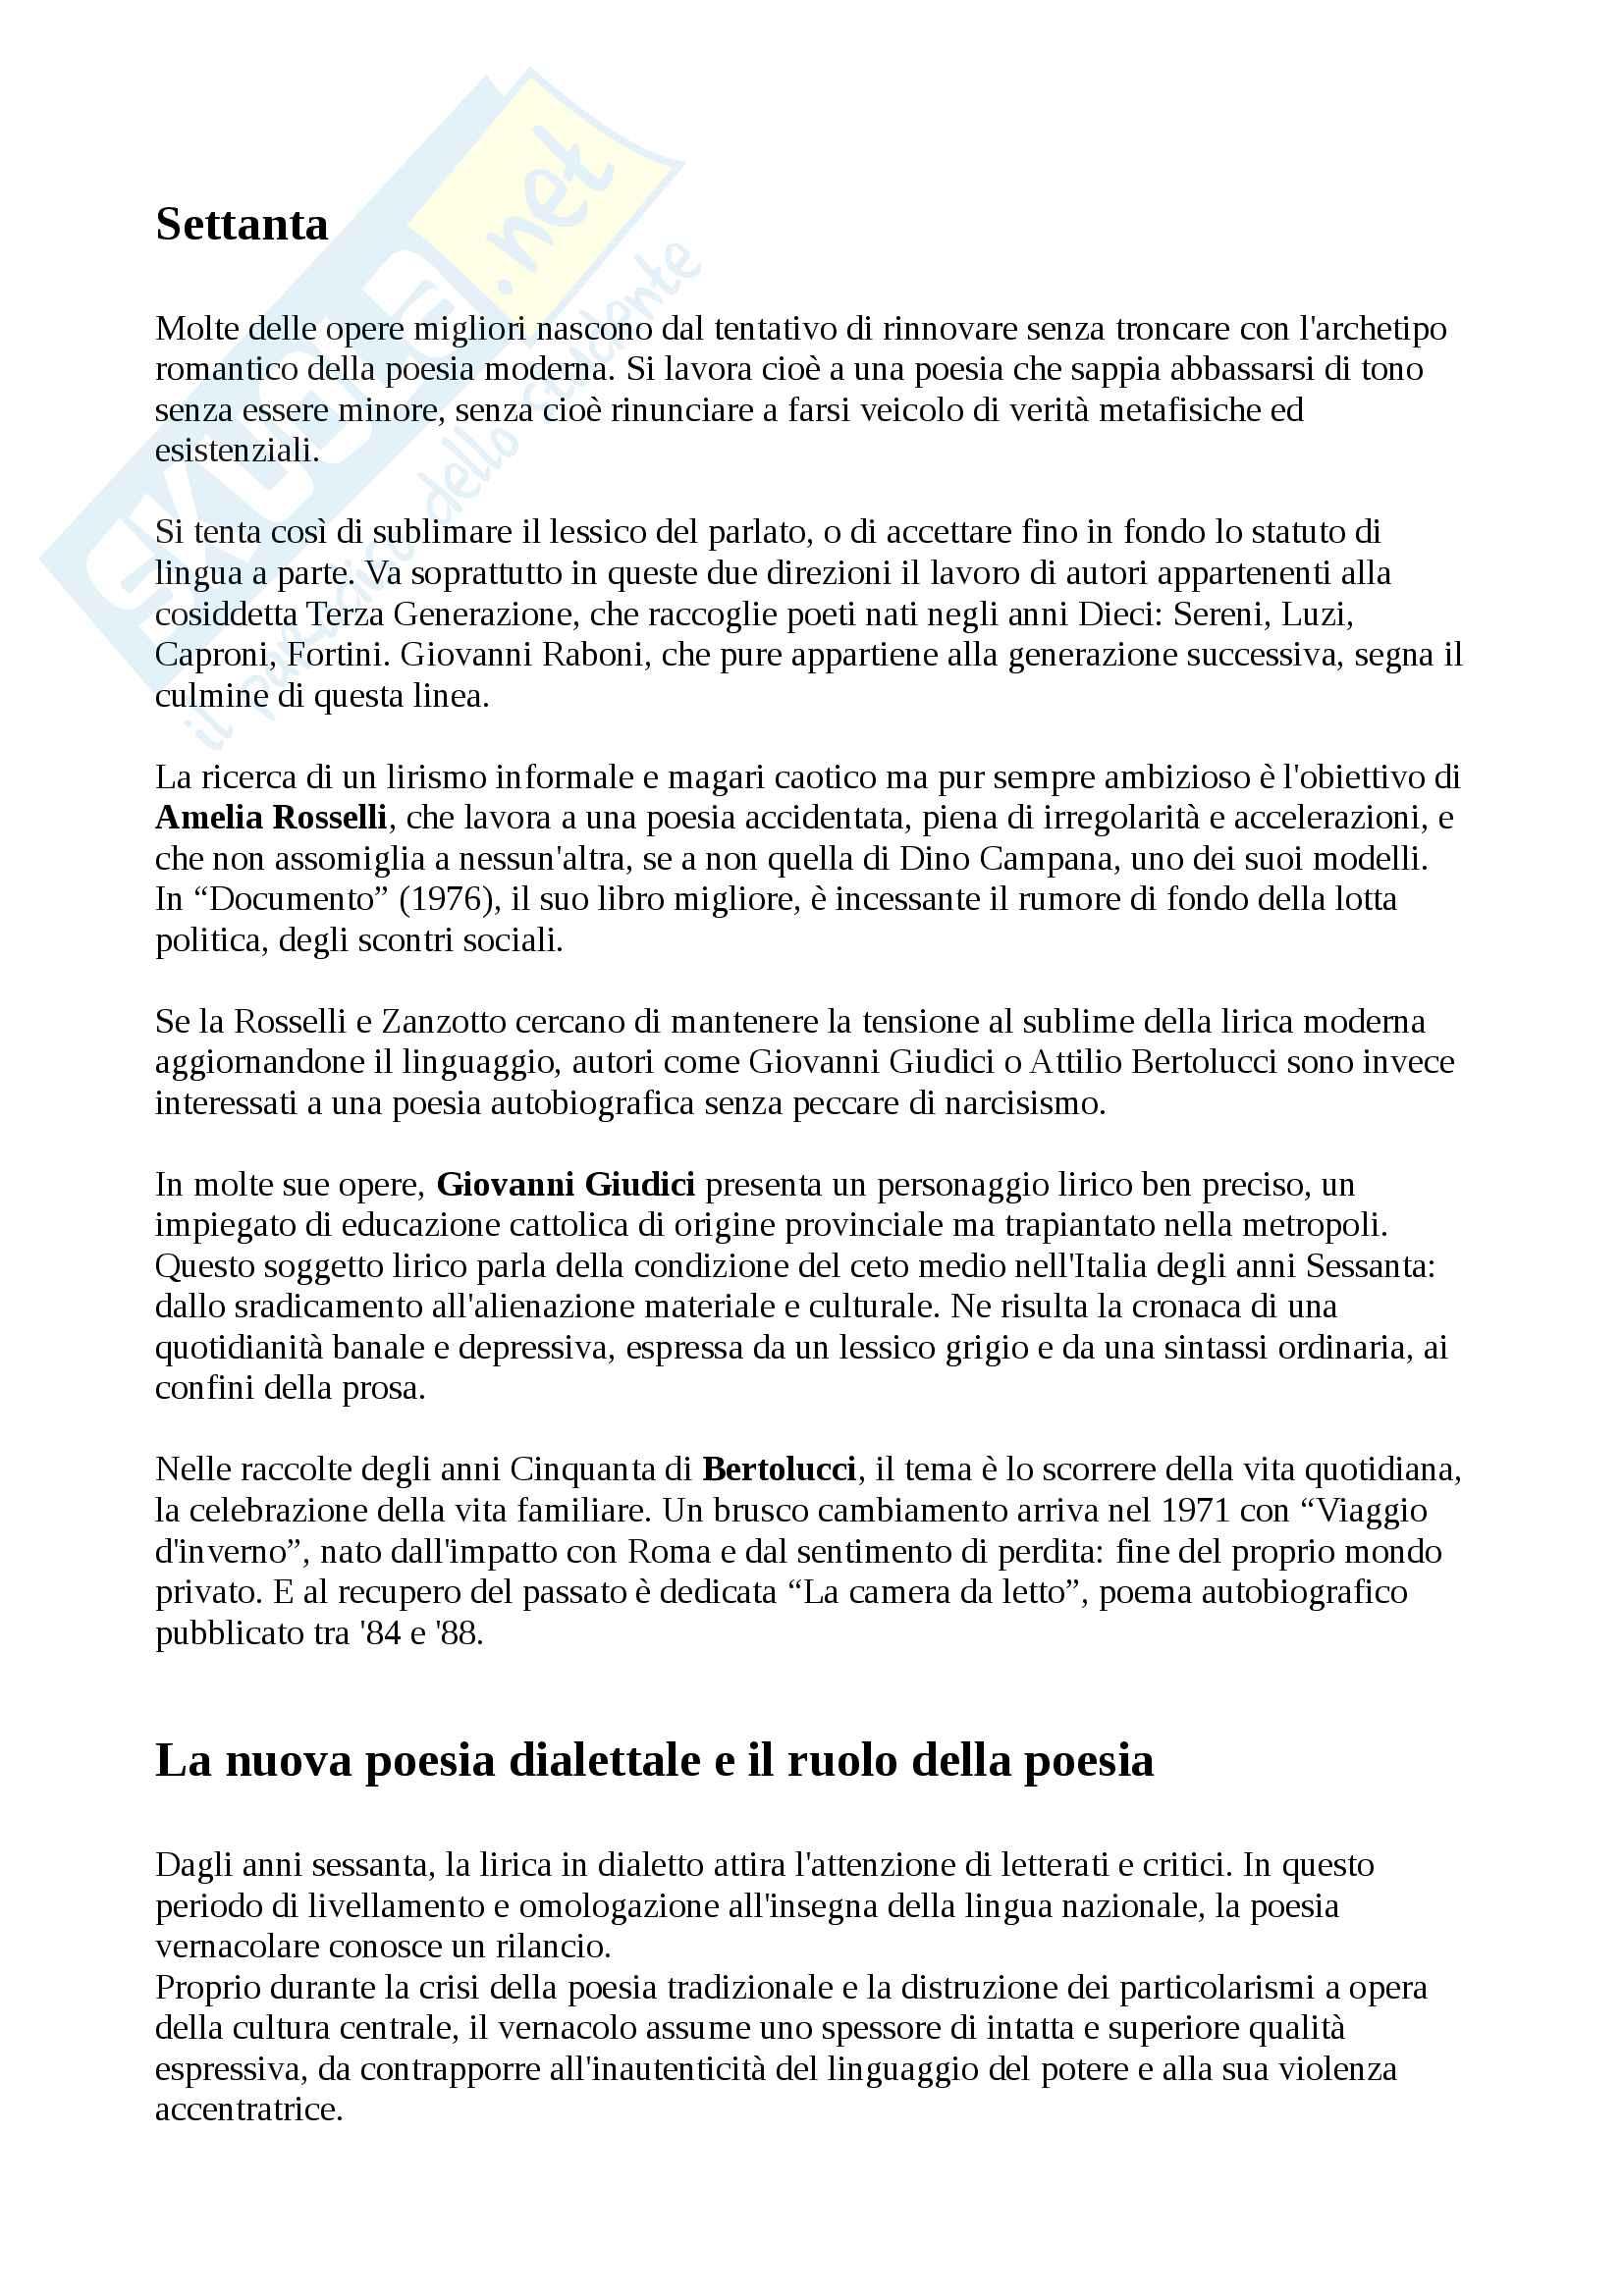 Riassunto di letteratura italiana contemporanea Pag. 41